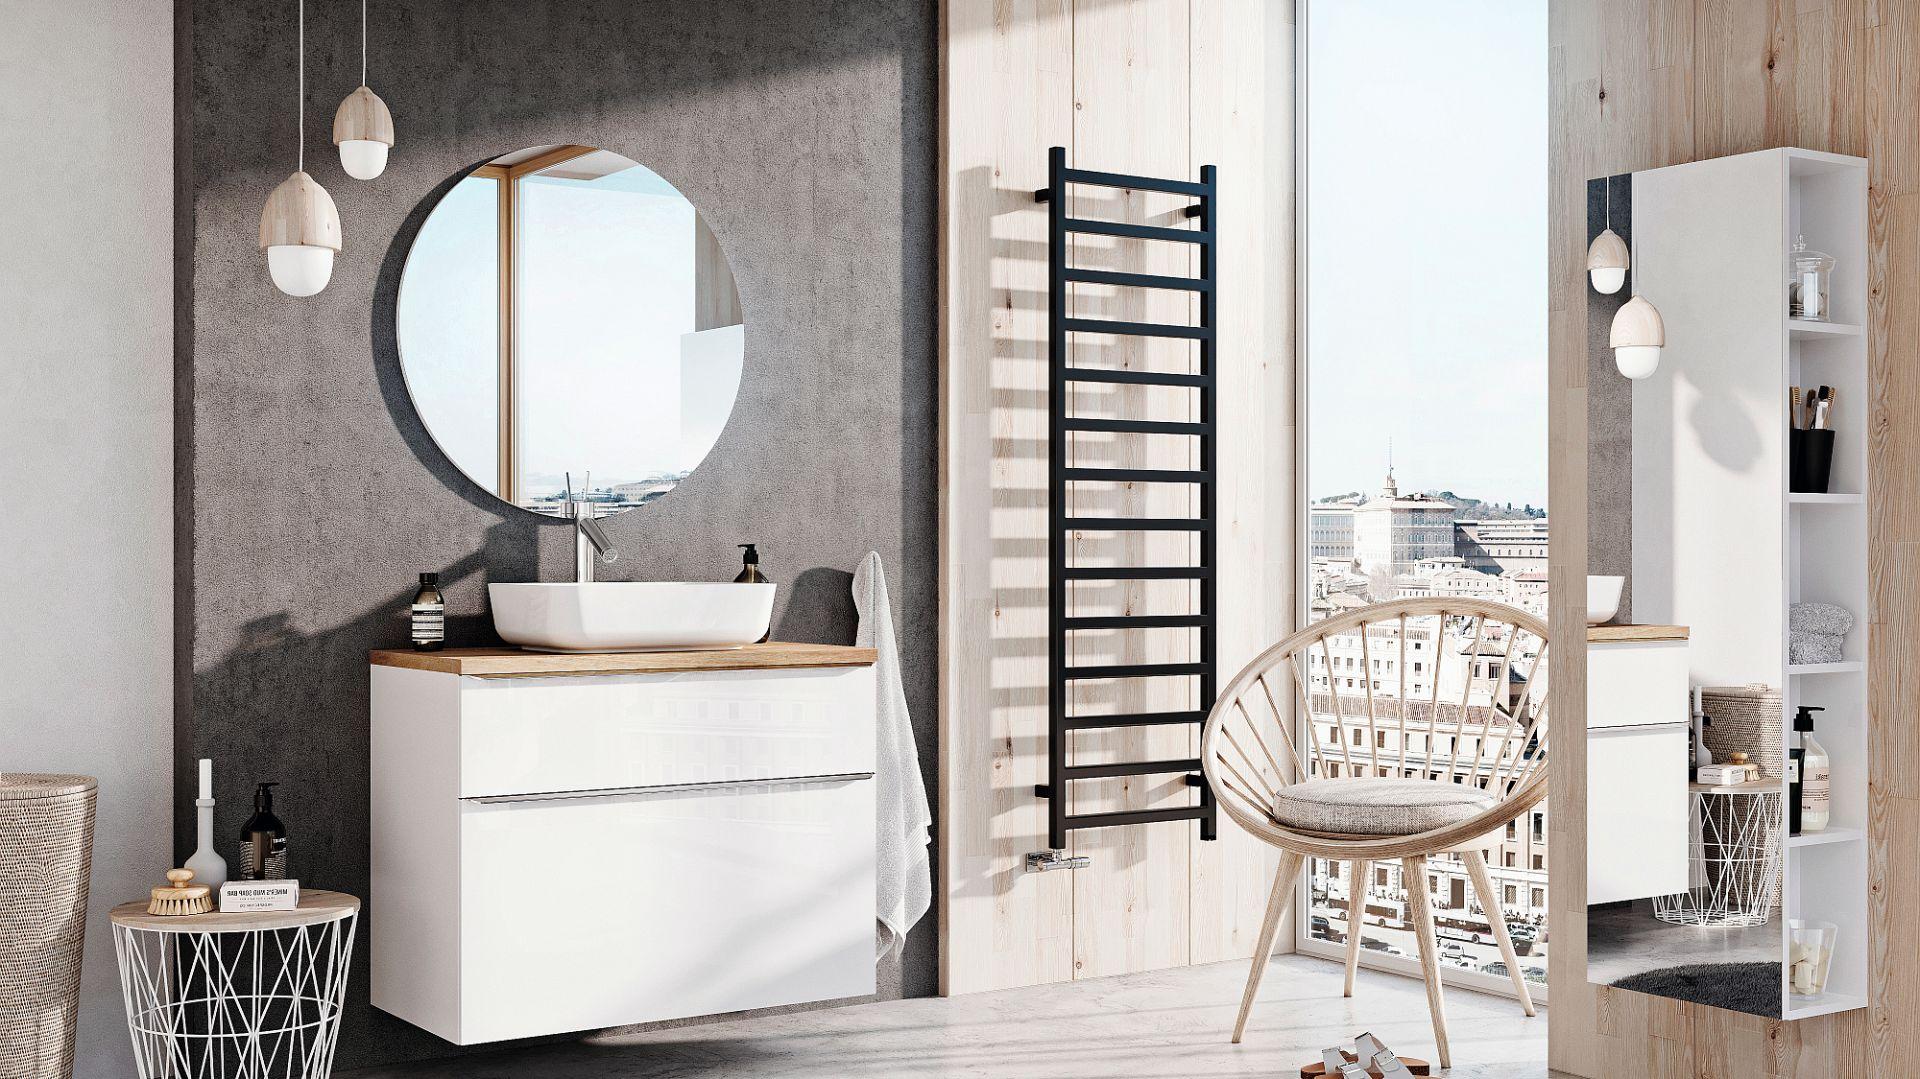 LOFTY - kolekcja mebli łazienkowych daje bogactwo możliwości konfiguracji dla indywidualnego, niepowtarzalnego efektu. Szafki wykonane zostały z trwałych i nowoczesnych materiałów. Dostępne w ofercie firmy Elita. Fot. Elita